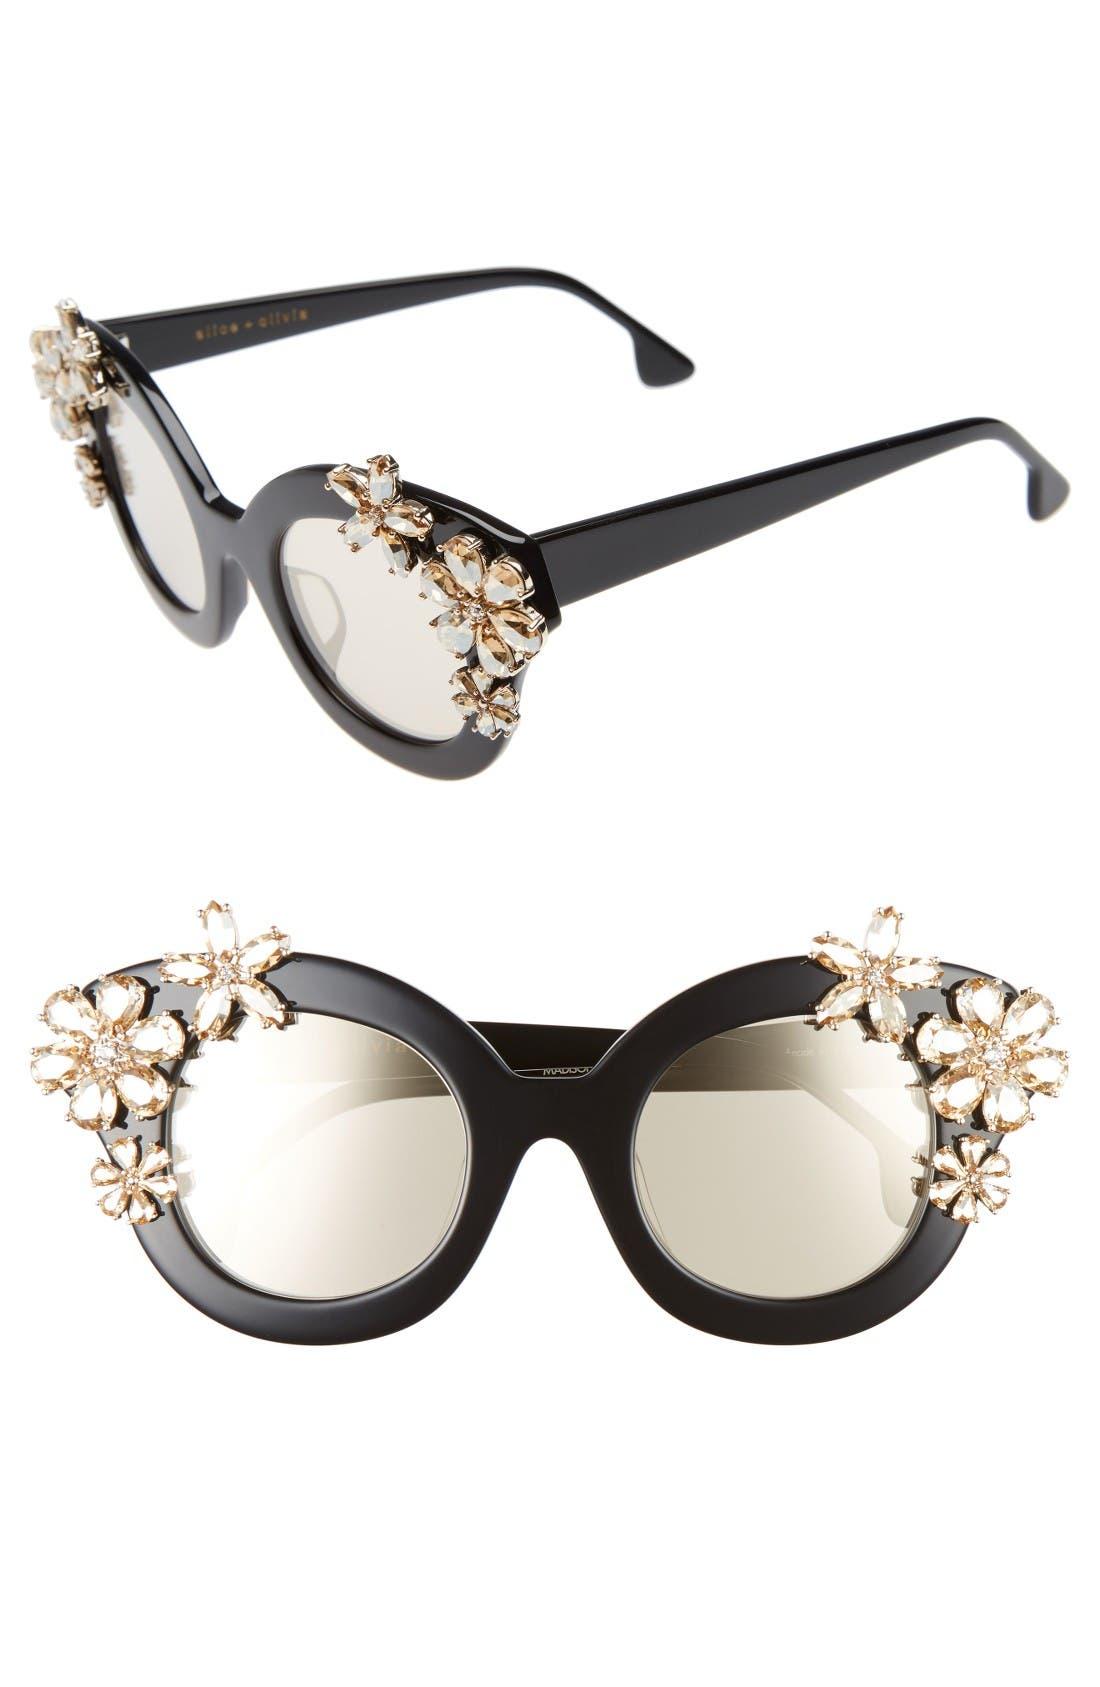 Alternate Image 1 Selected - Alice + Olivia Madison Floral 46mm Gradient Lens Embellished Sunglasses